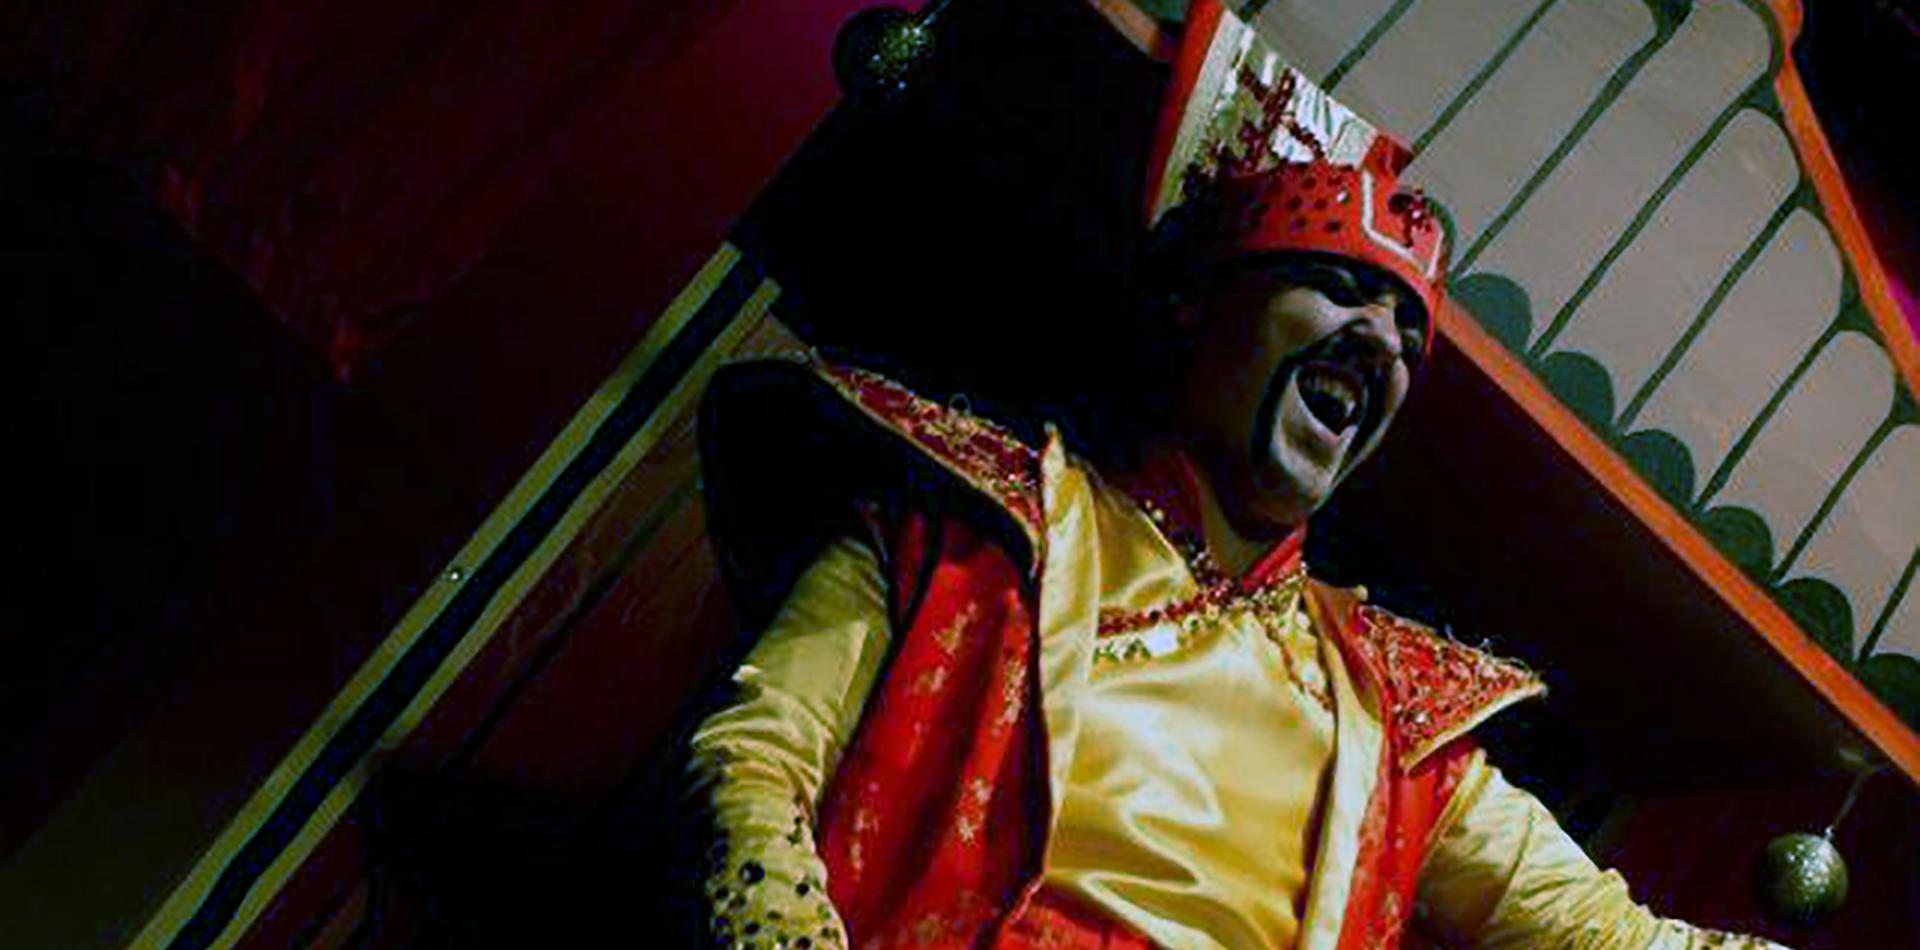 c21 Theatre Company Aladdin